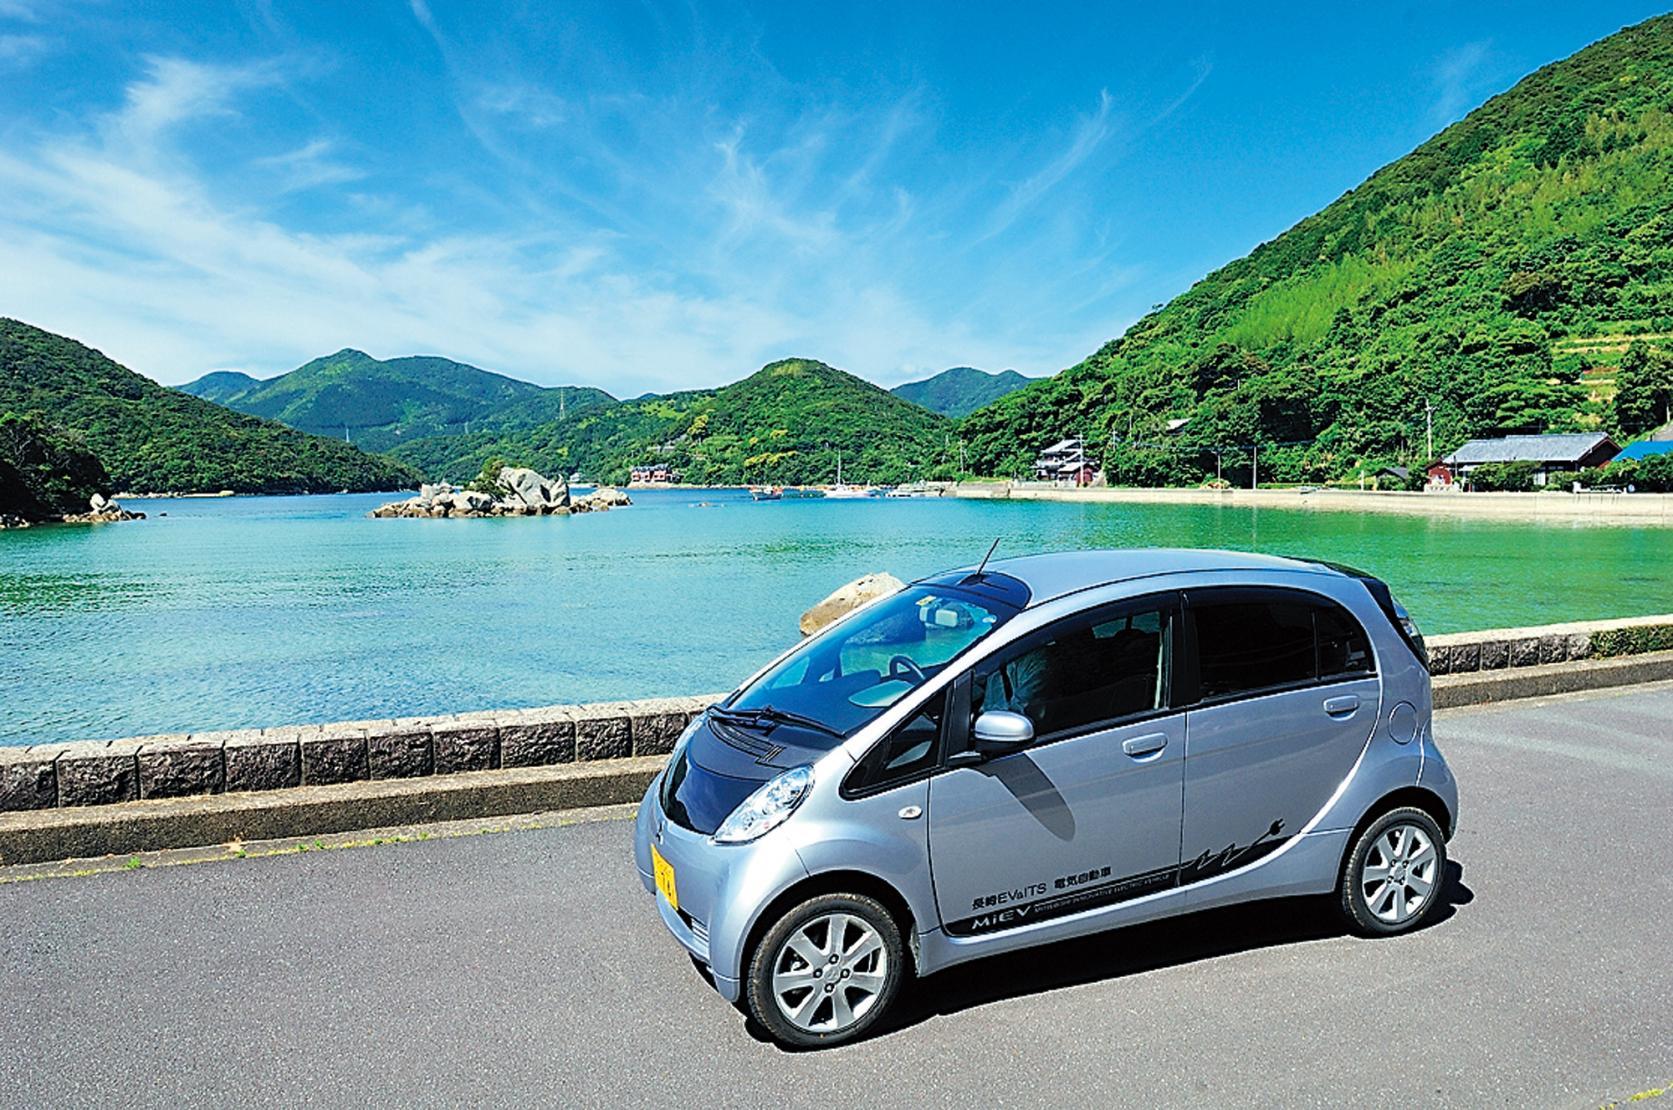 電気自動車で離島めぐり 上五島はレンタカーで回ろう-0